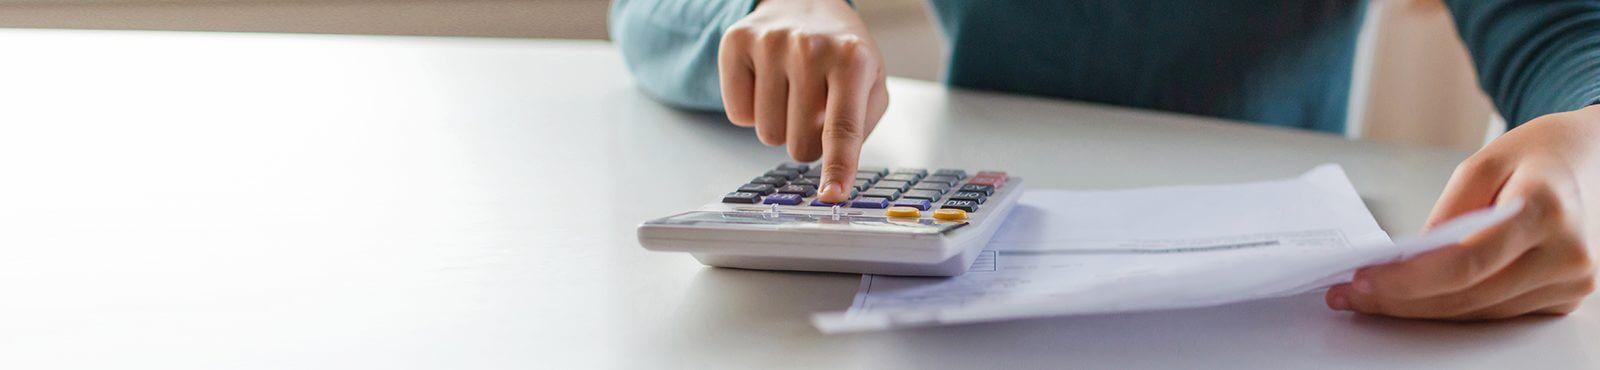 Preiskalkulation: Selbstkosten berechnen und Gewinnspanne ermitteln